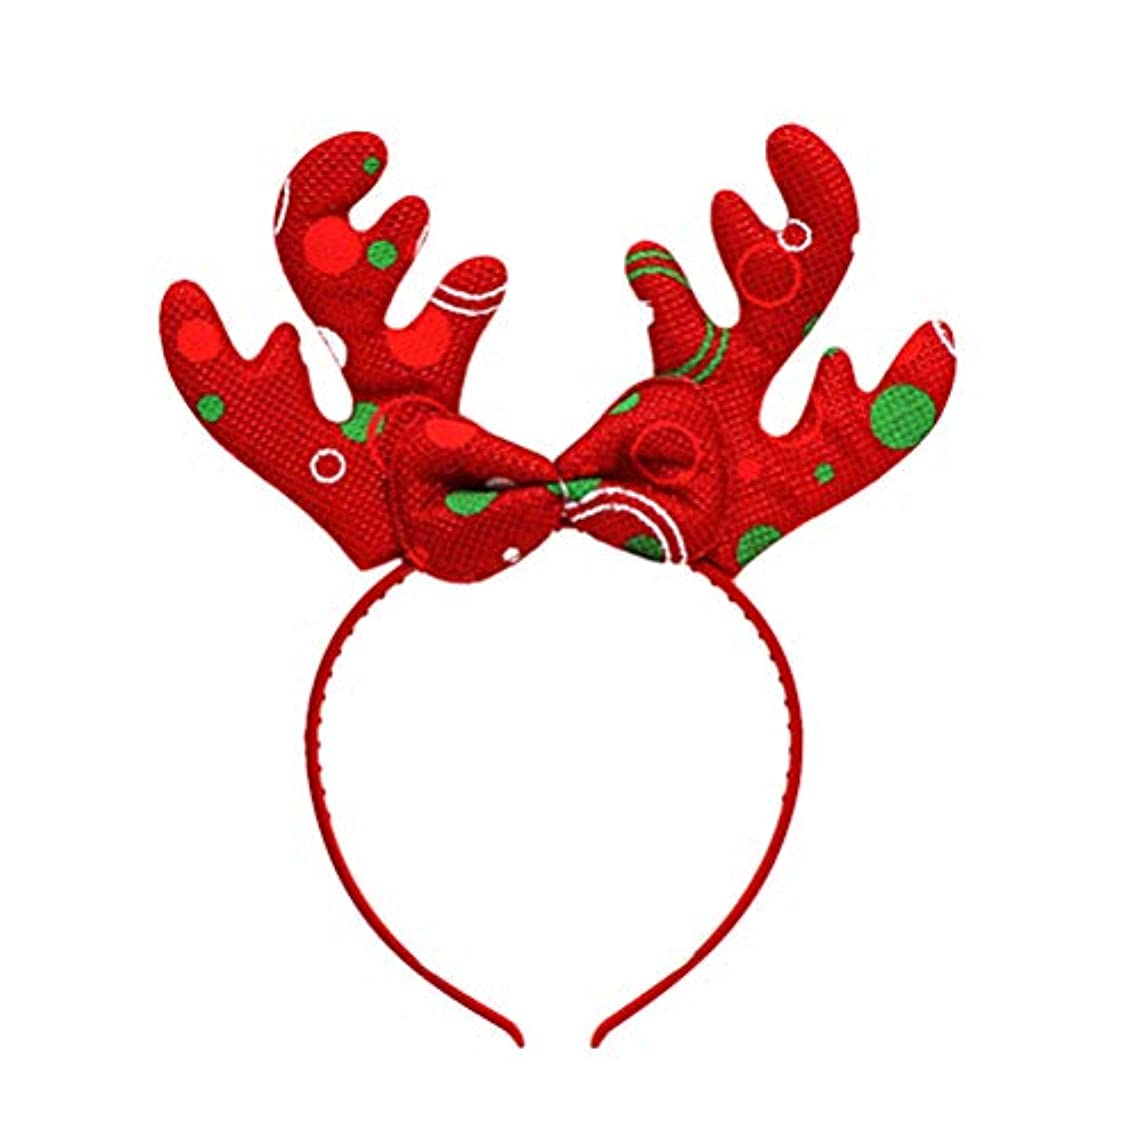 発音するビクター必要条件BESTOYARD トナカイアントラーズヘッドバンドクリスマスデコレーションヘッドドレスヘアフープコスチュームヘアアクセサリー(ランダムカラー)